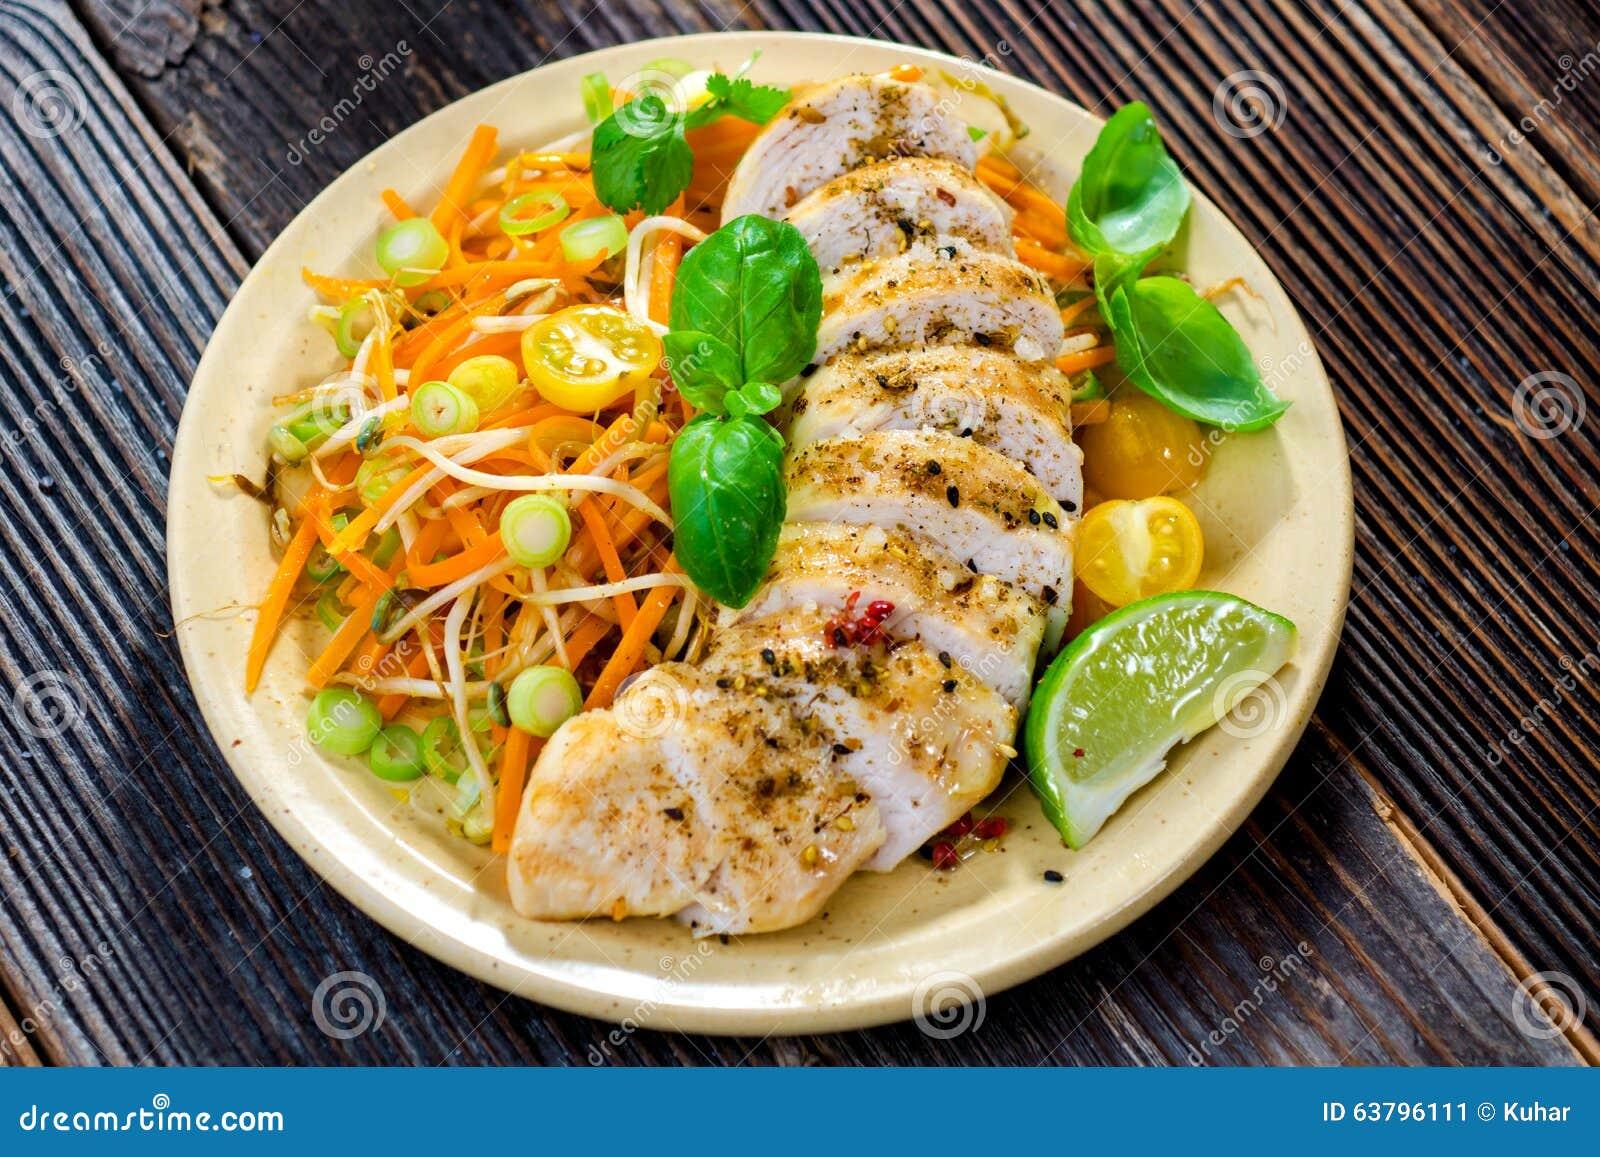 Hühnerbrust- und Gemüsediät